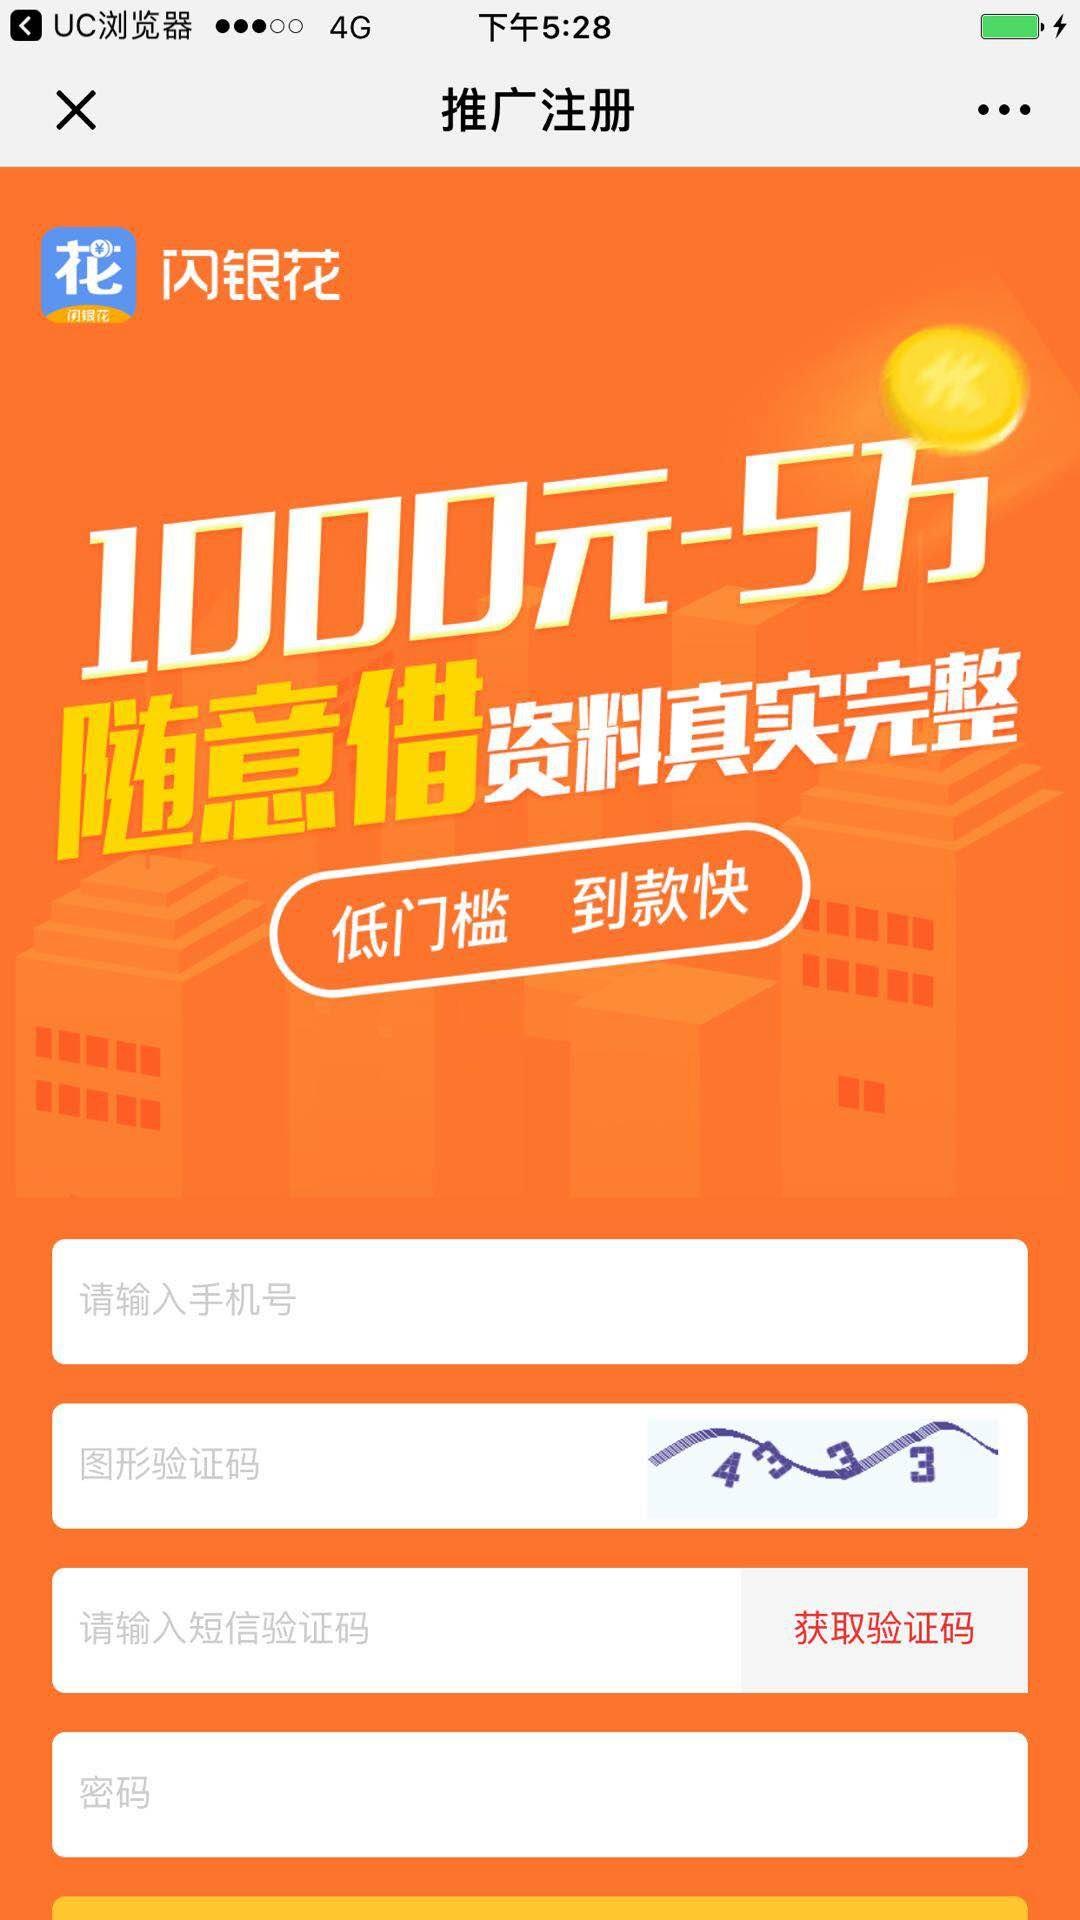 闪银花app手机版下载 121下载站